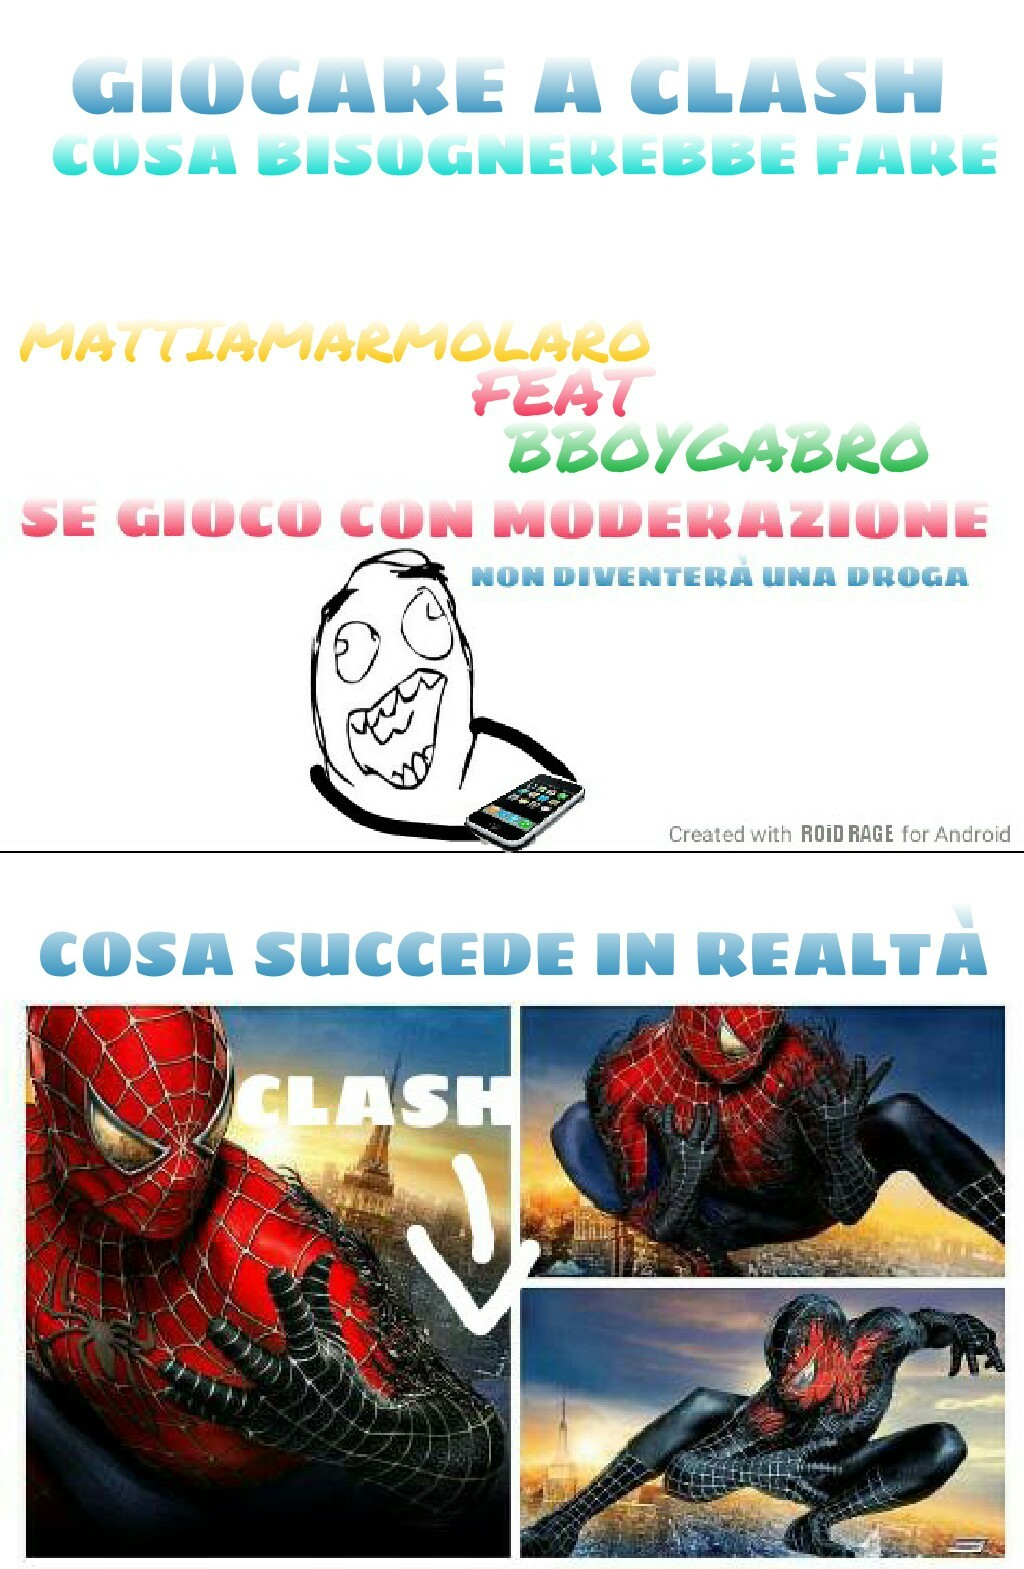 Si, Sono tornato a fare meme :D (p.s Si,Gabro è un fan sfegatato di Spiderman.) Okay, vai con le cagate. SO MUCH PRESSURE, SO MUCH *arabo* NANANANANANAANANNANA